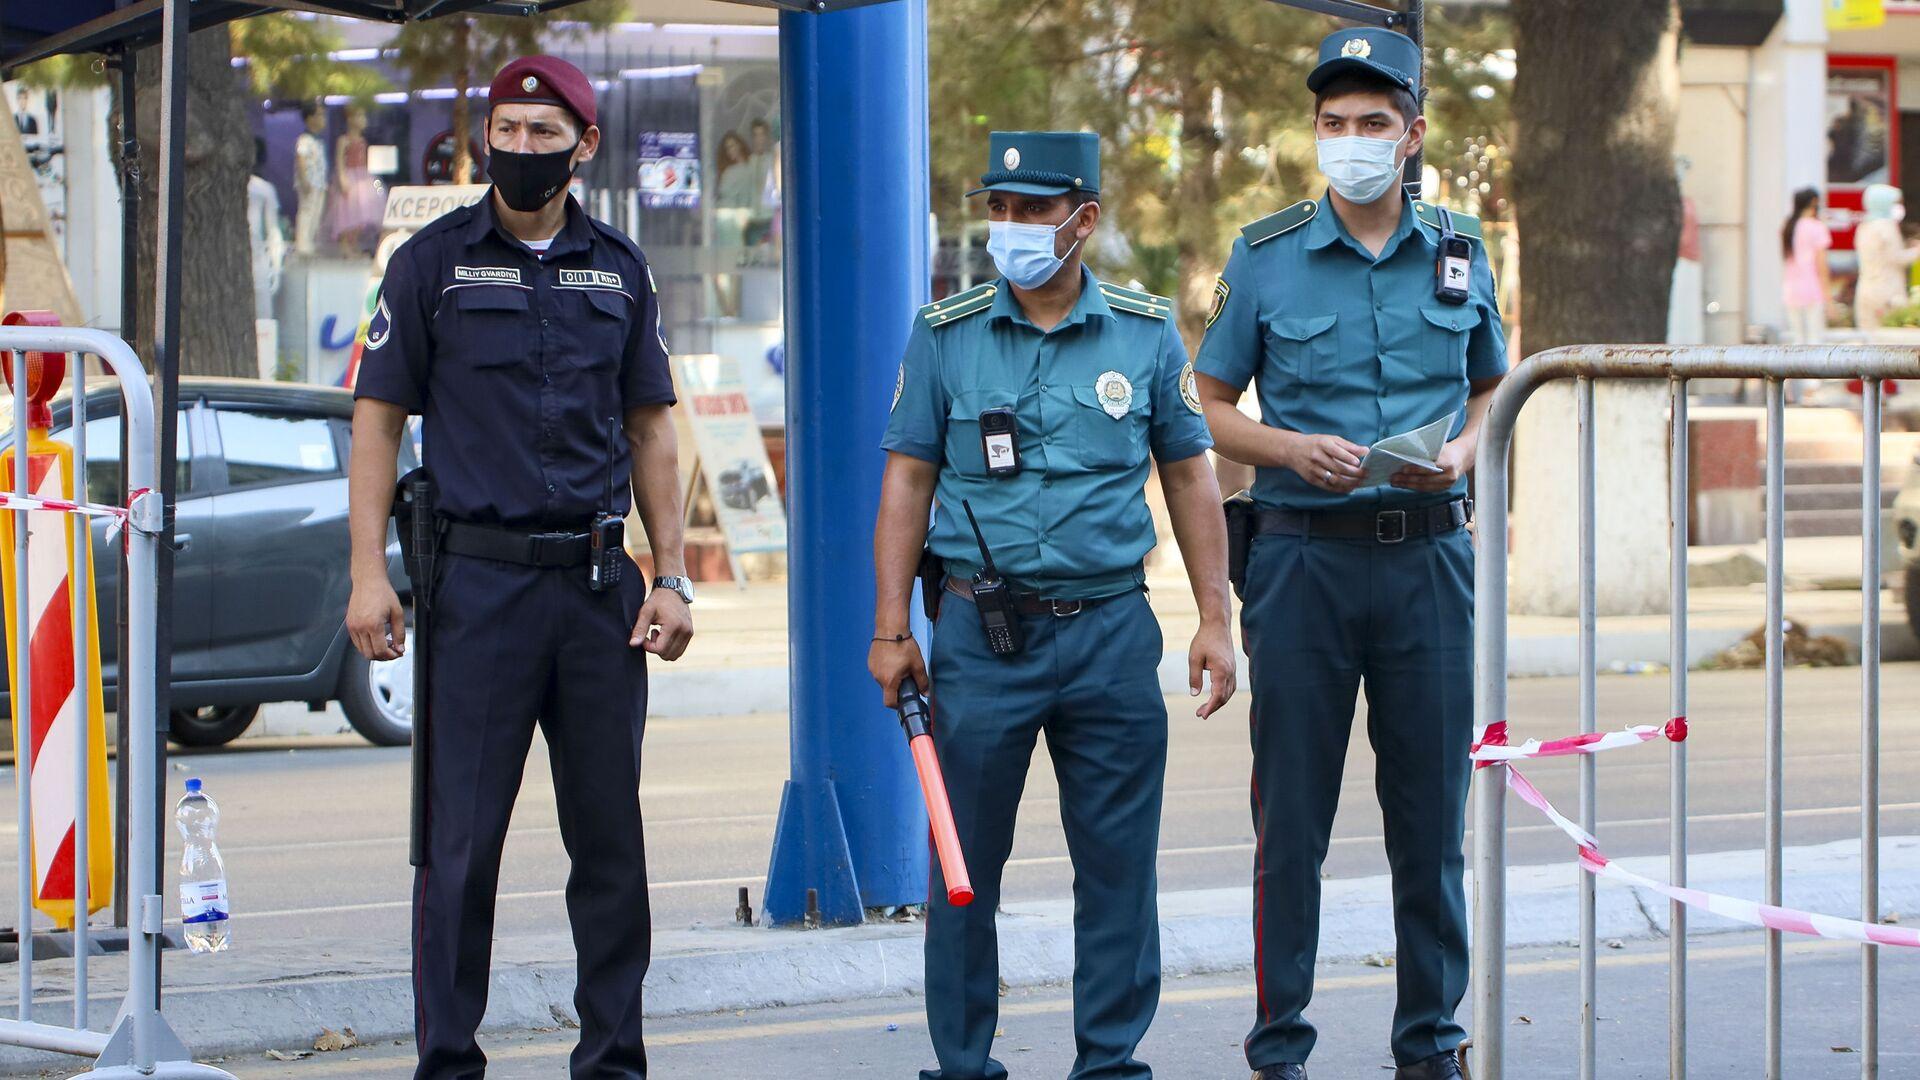 Полицейские в масках на улицах Ташкента - Sputnik Ўзбекистон, 1920, 05.07.2021